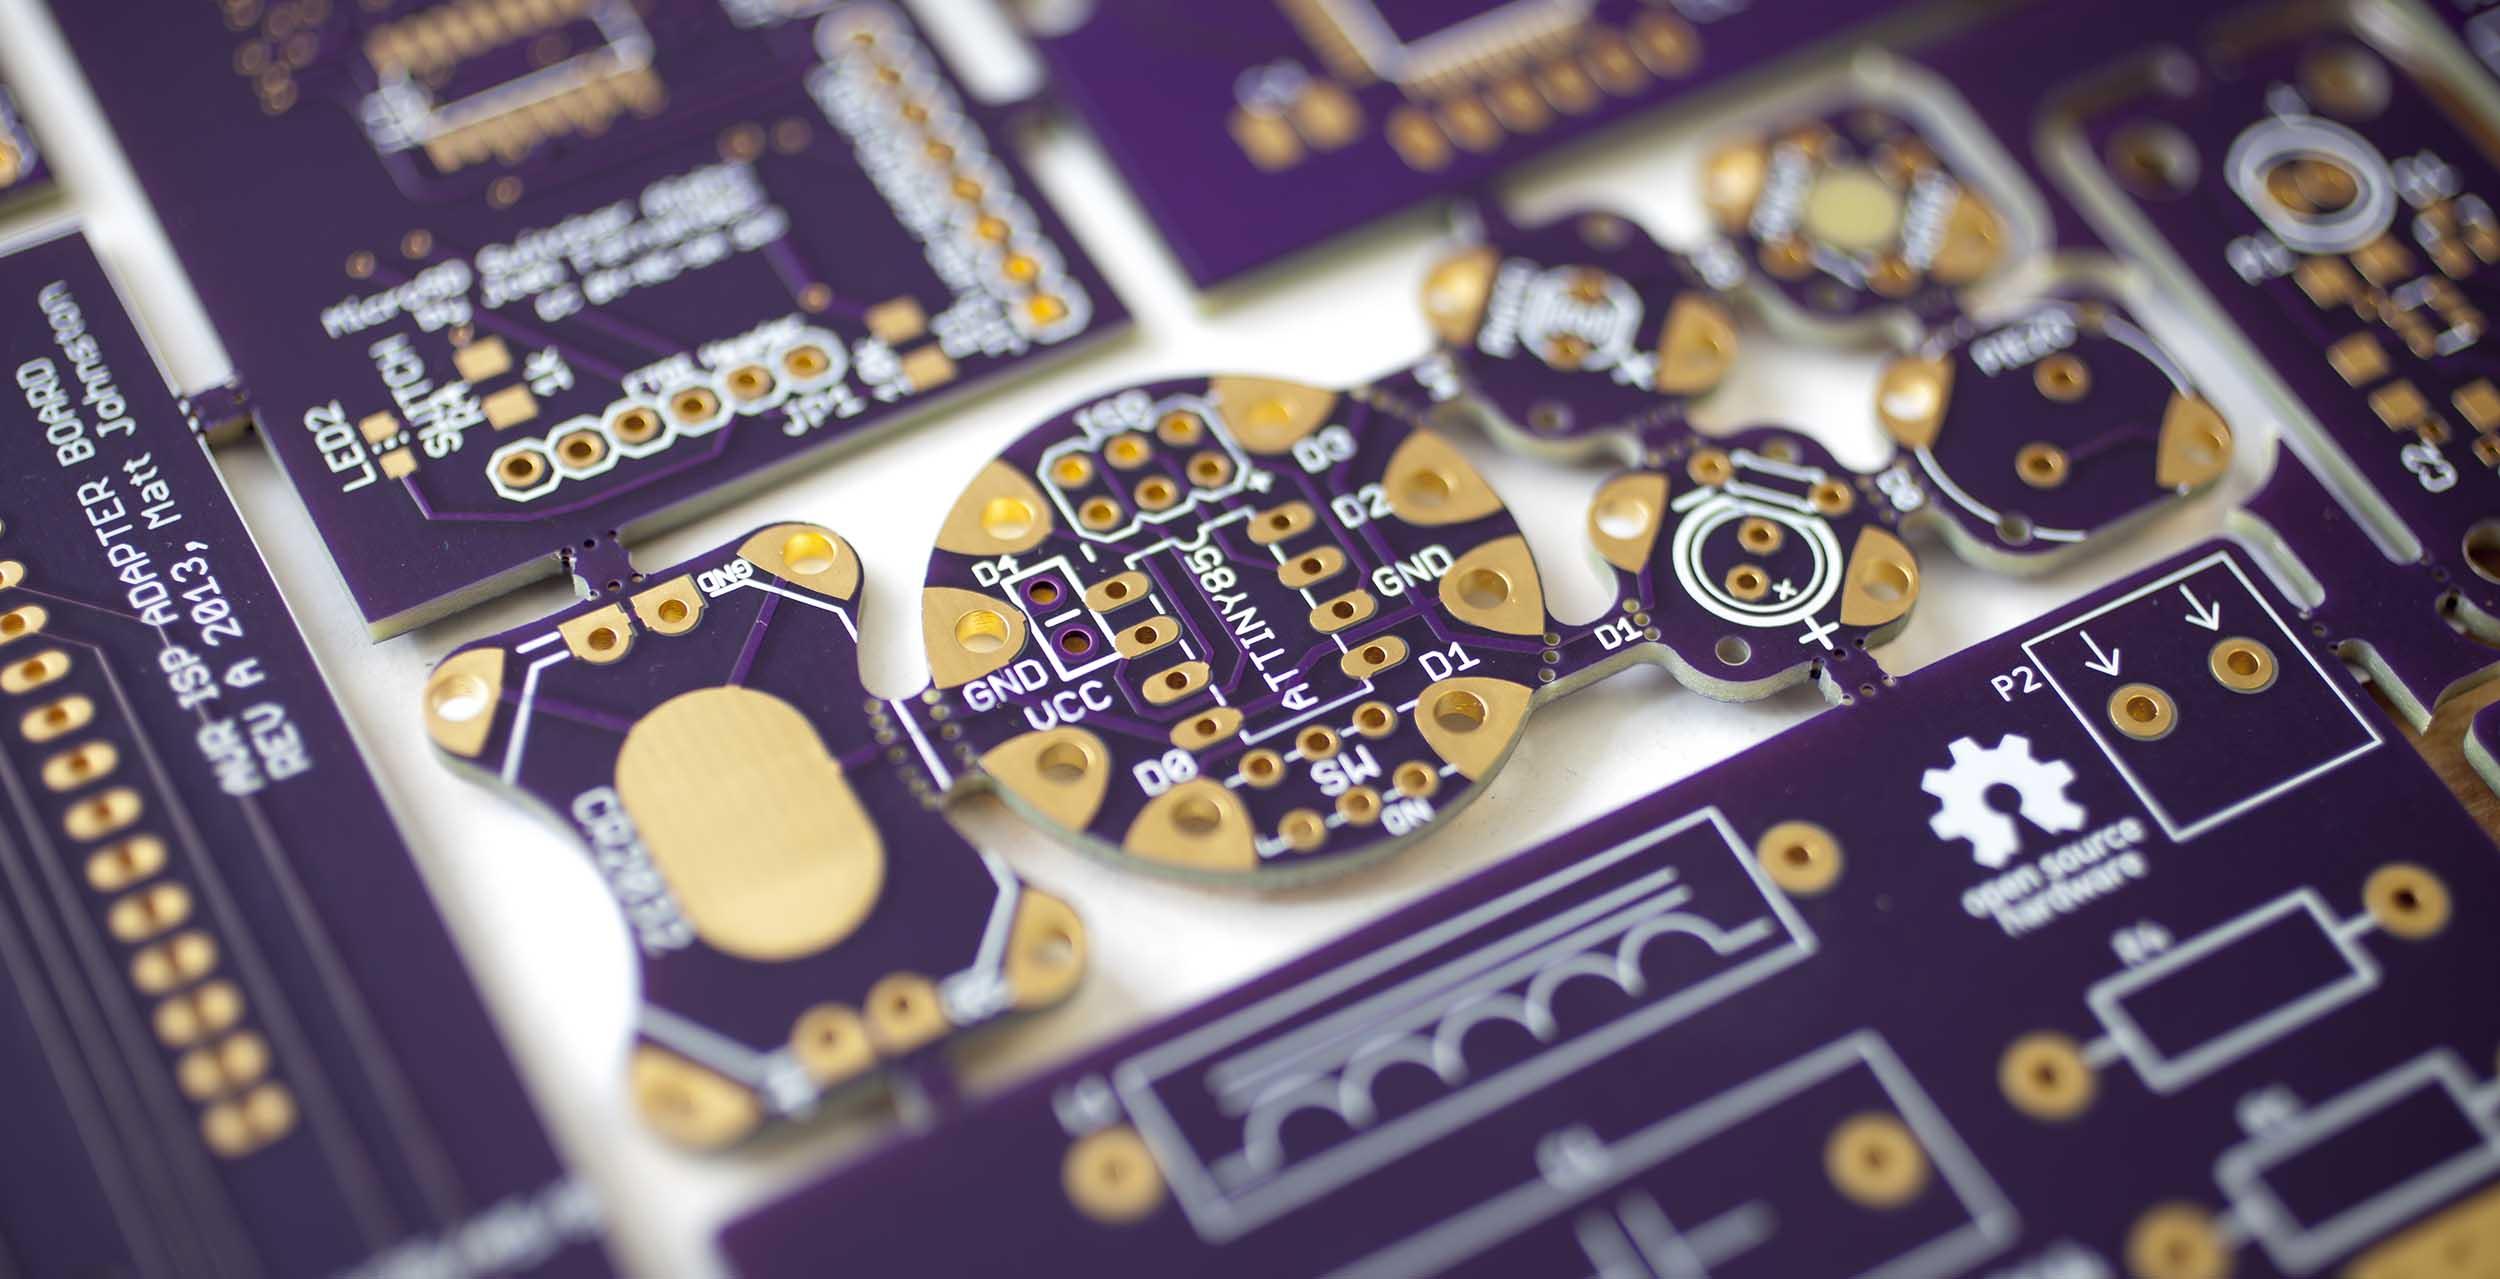 OSHPARK diseño PCB